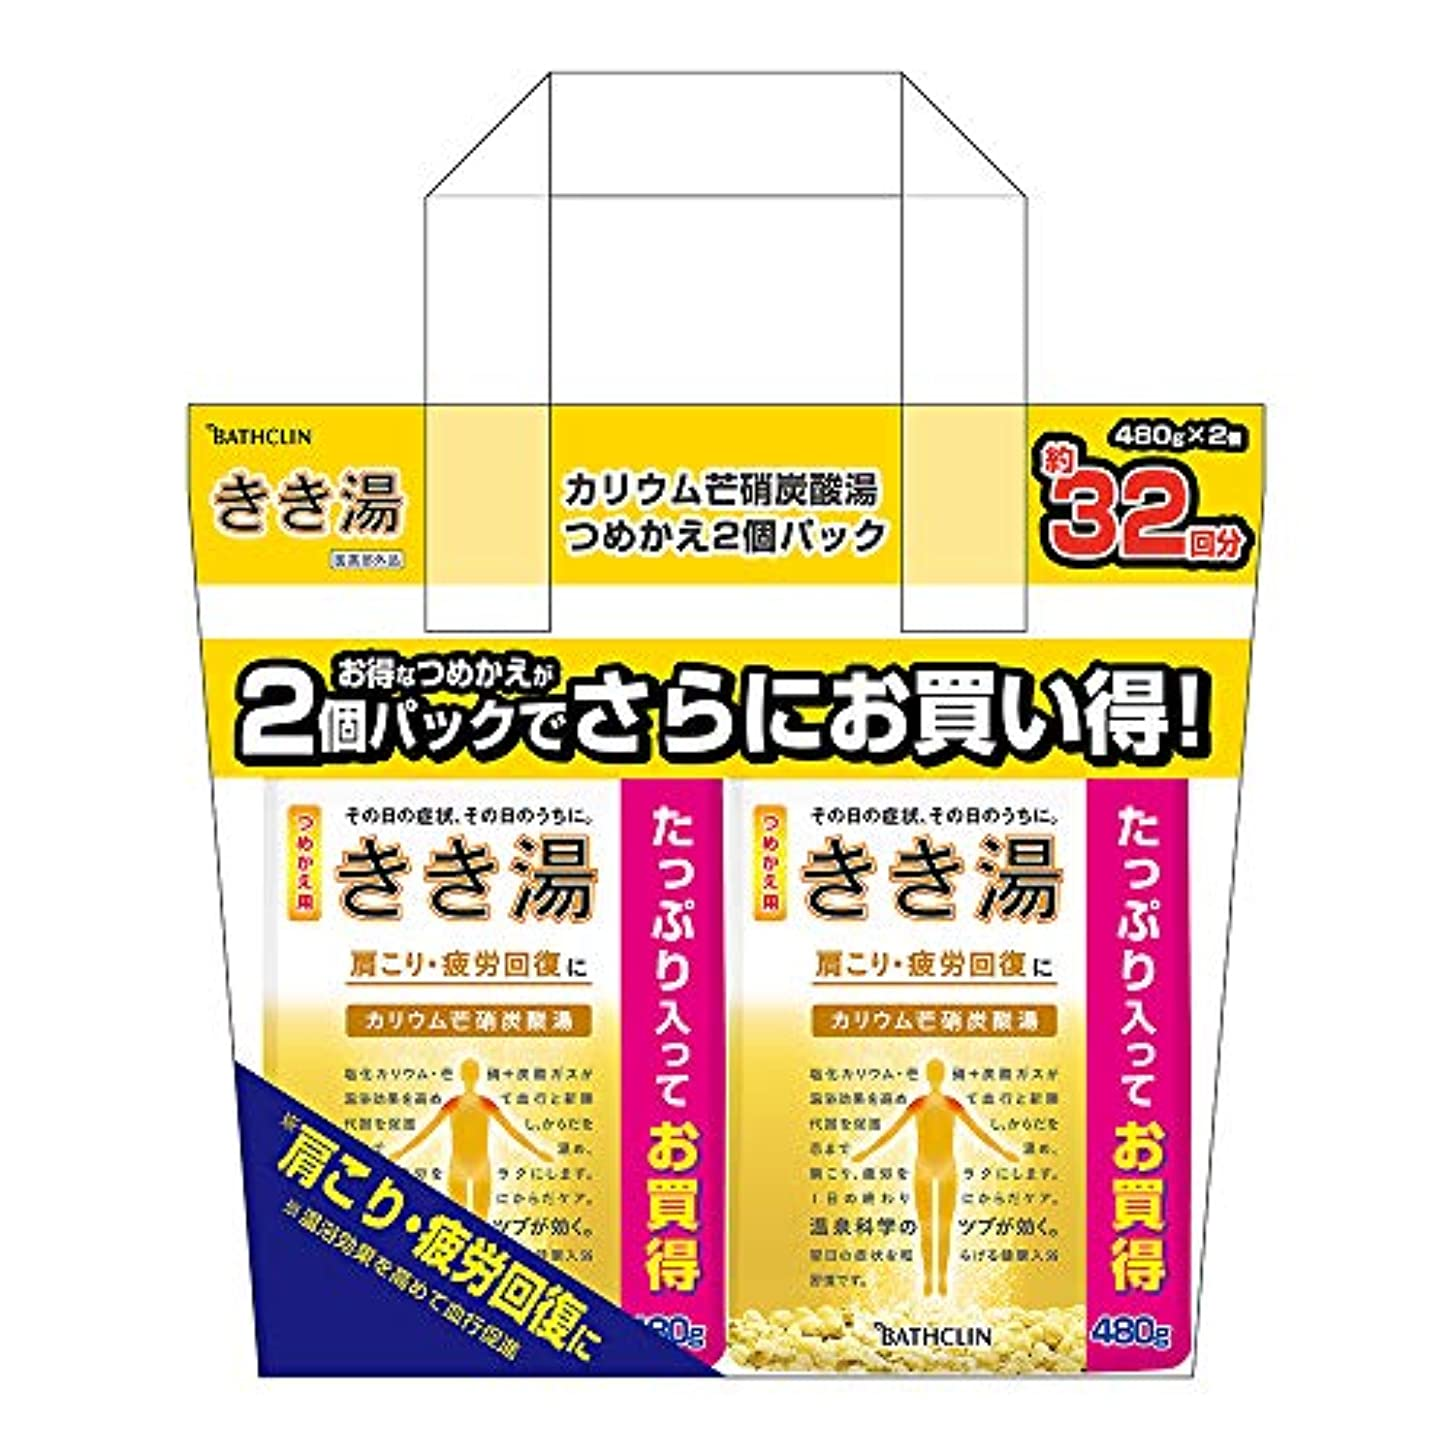 できない測定可能敬意を表するきき湯つめかえ2個パックカリウム芒硝炭酸湯 入浴剤 はちみつレモンの香りの炭酸入浴剤 レモン色の湯(透明タイプ) の炭酸入浴剤 詰替え用 480g×2個